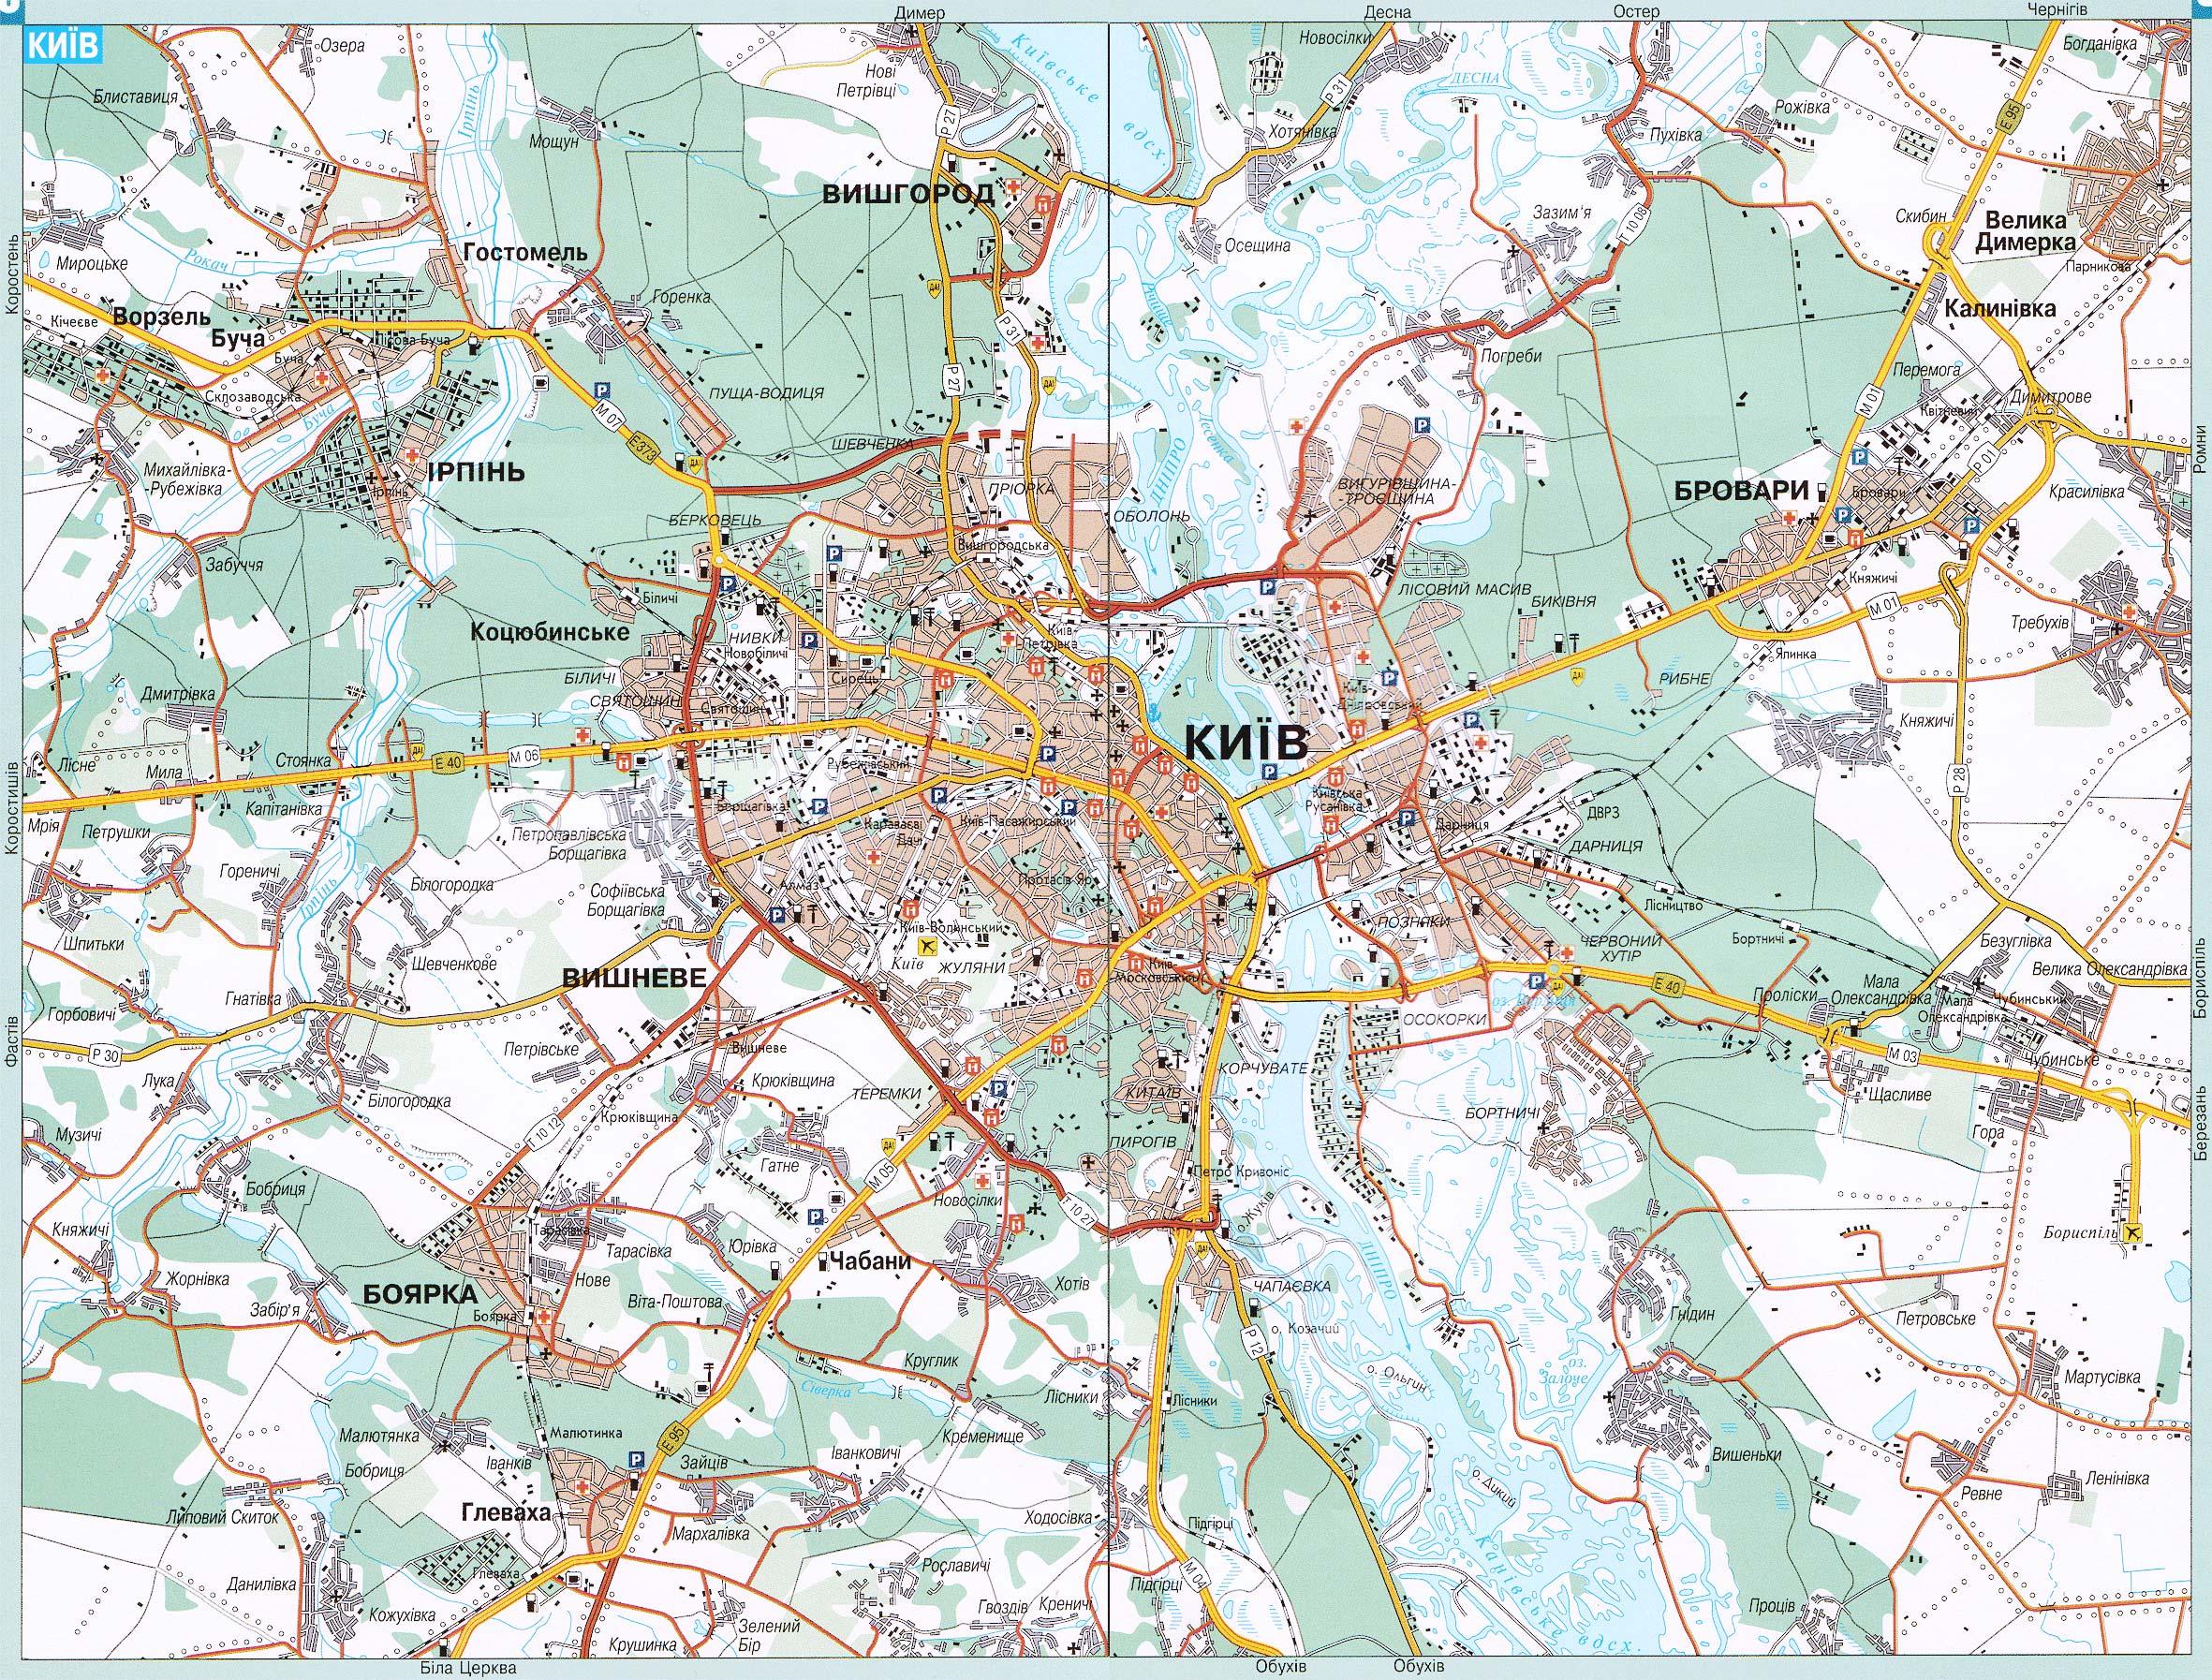 Продажа домов: купить дом в Черниговской области - сервис.